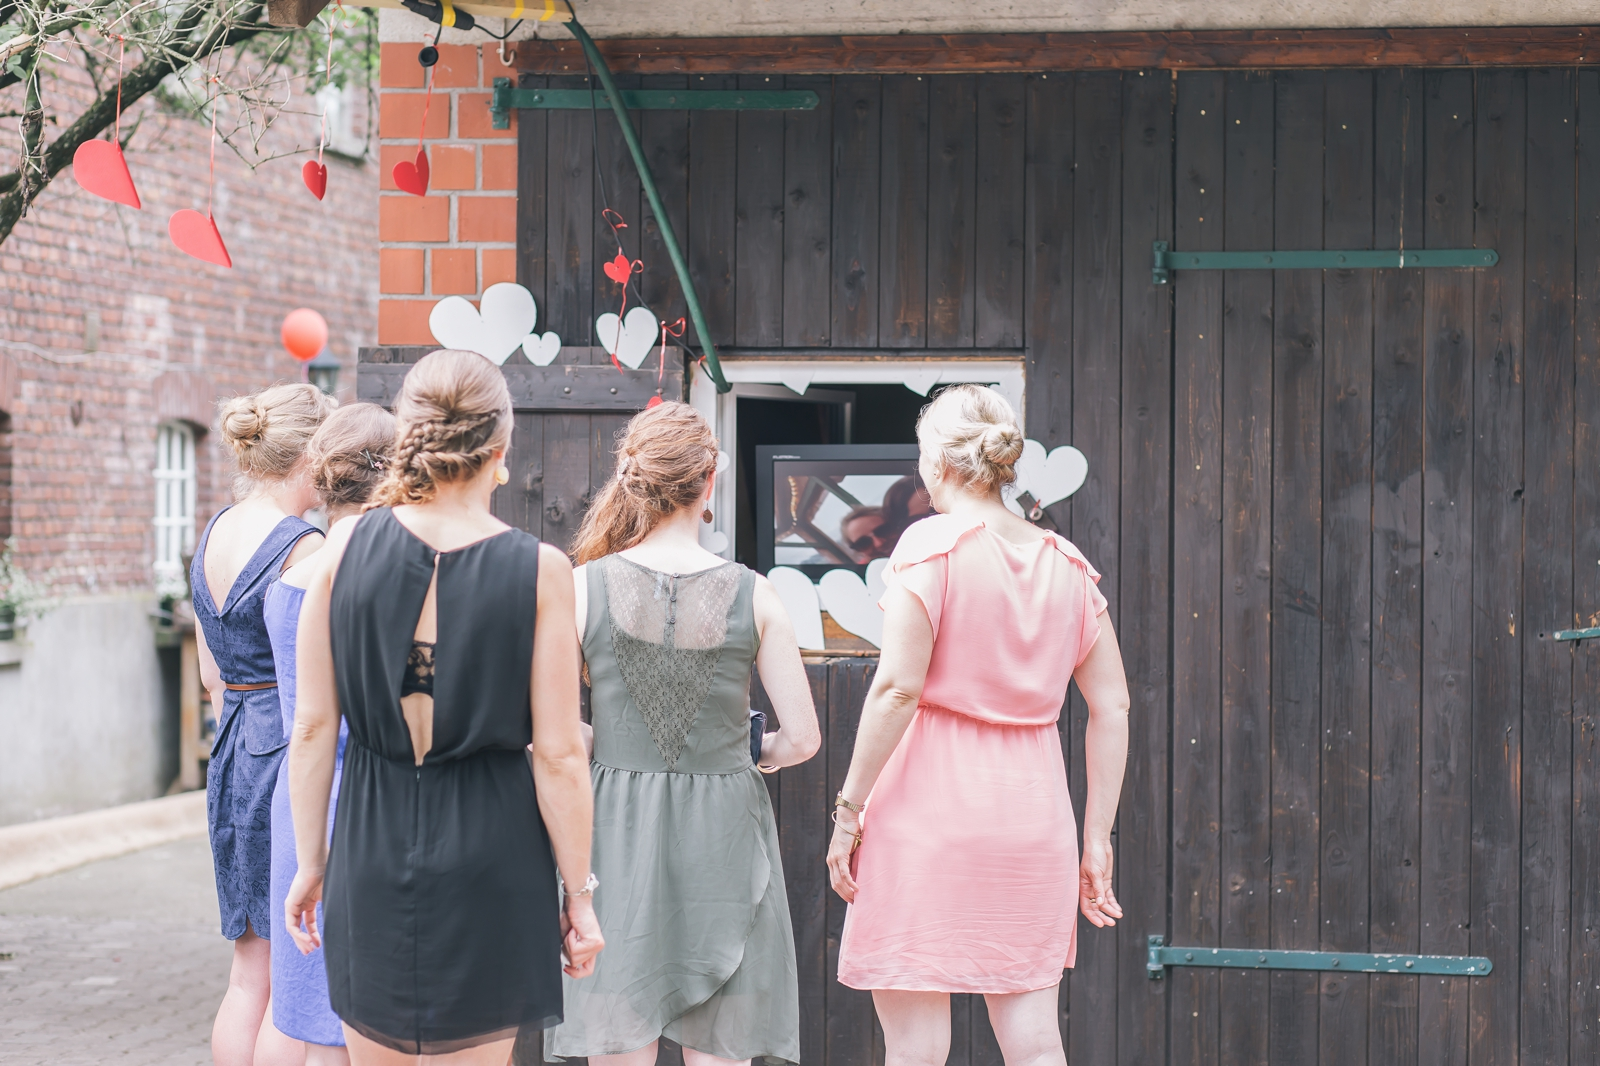 Monstergraphie_Hochzeitsreportage_Bottrop38.jpg?fit=1600%2C1066